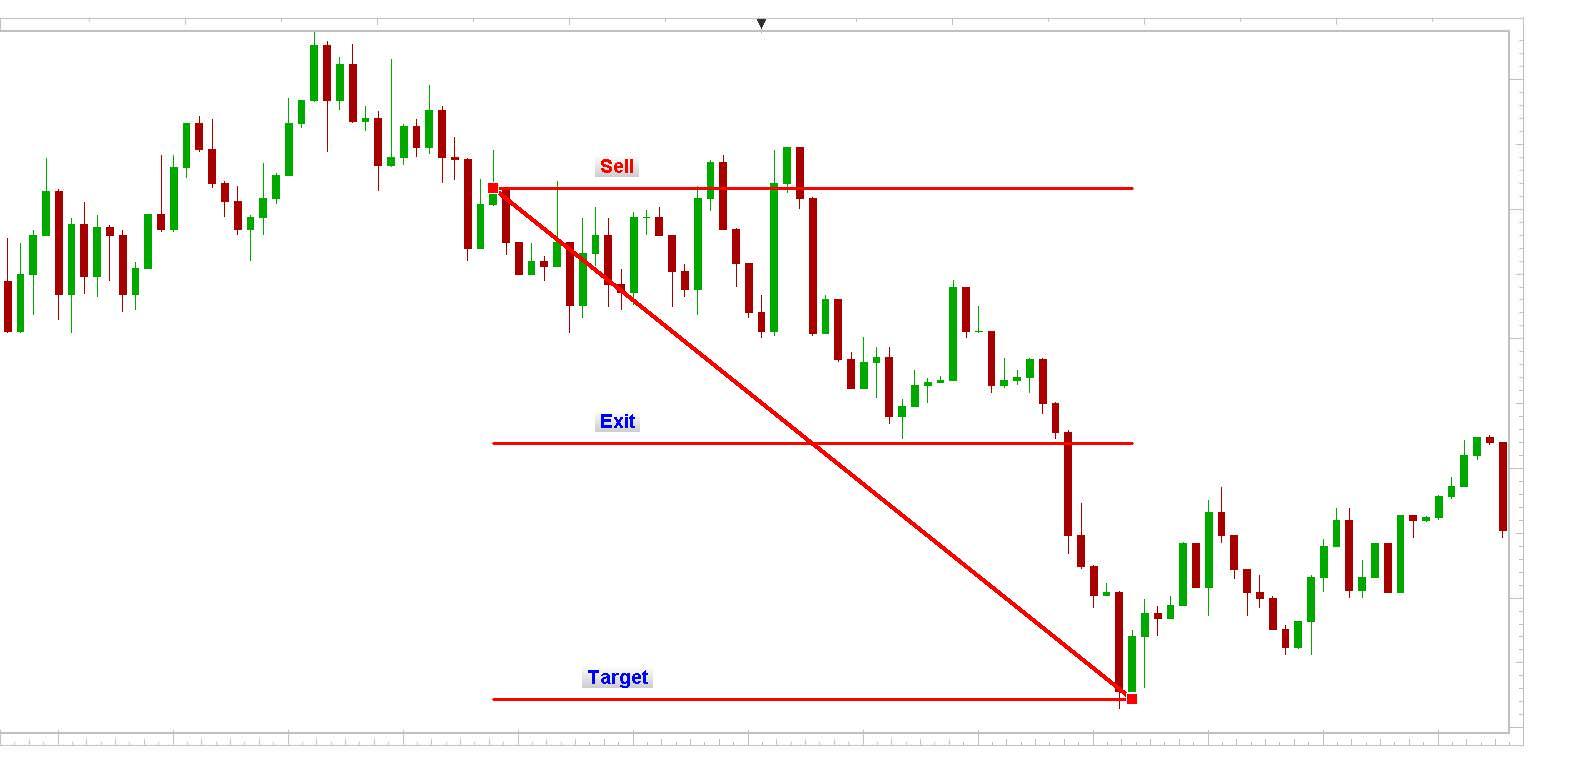 EUR/USD 1min chart